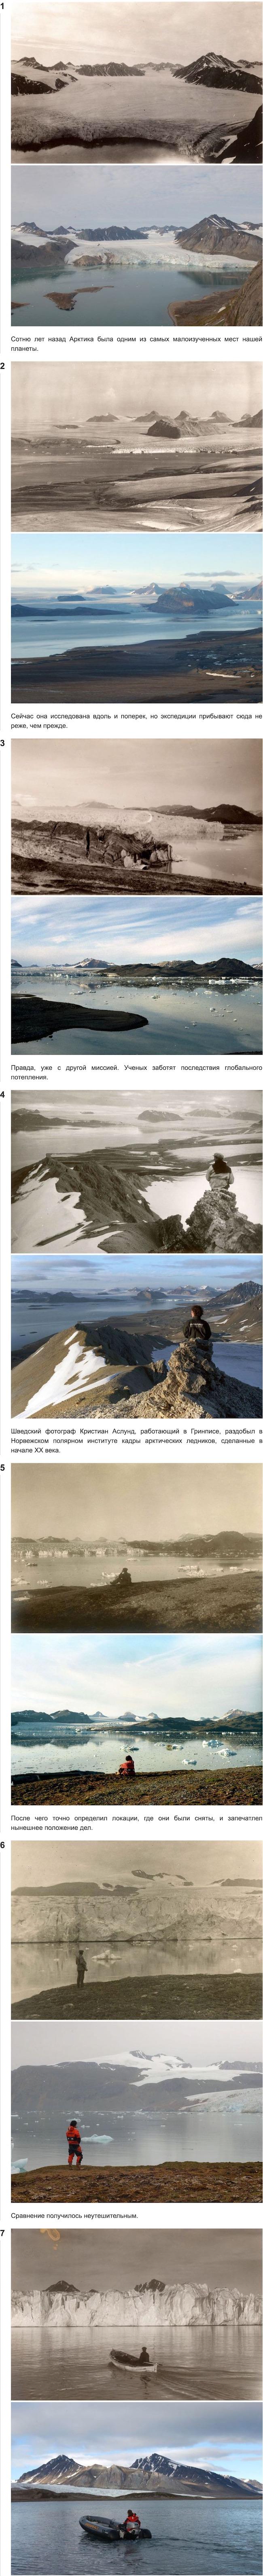 Арктика тает: неутешительные кадры ХХ и ХХI века